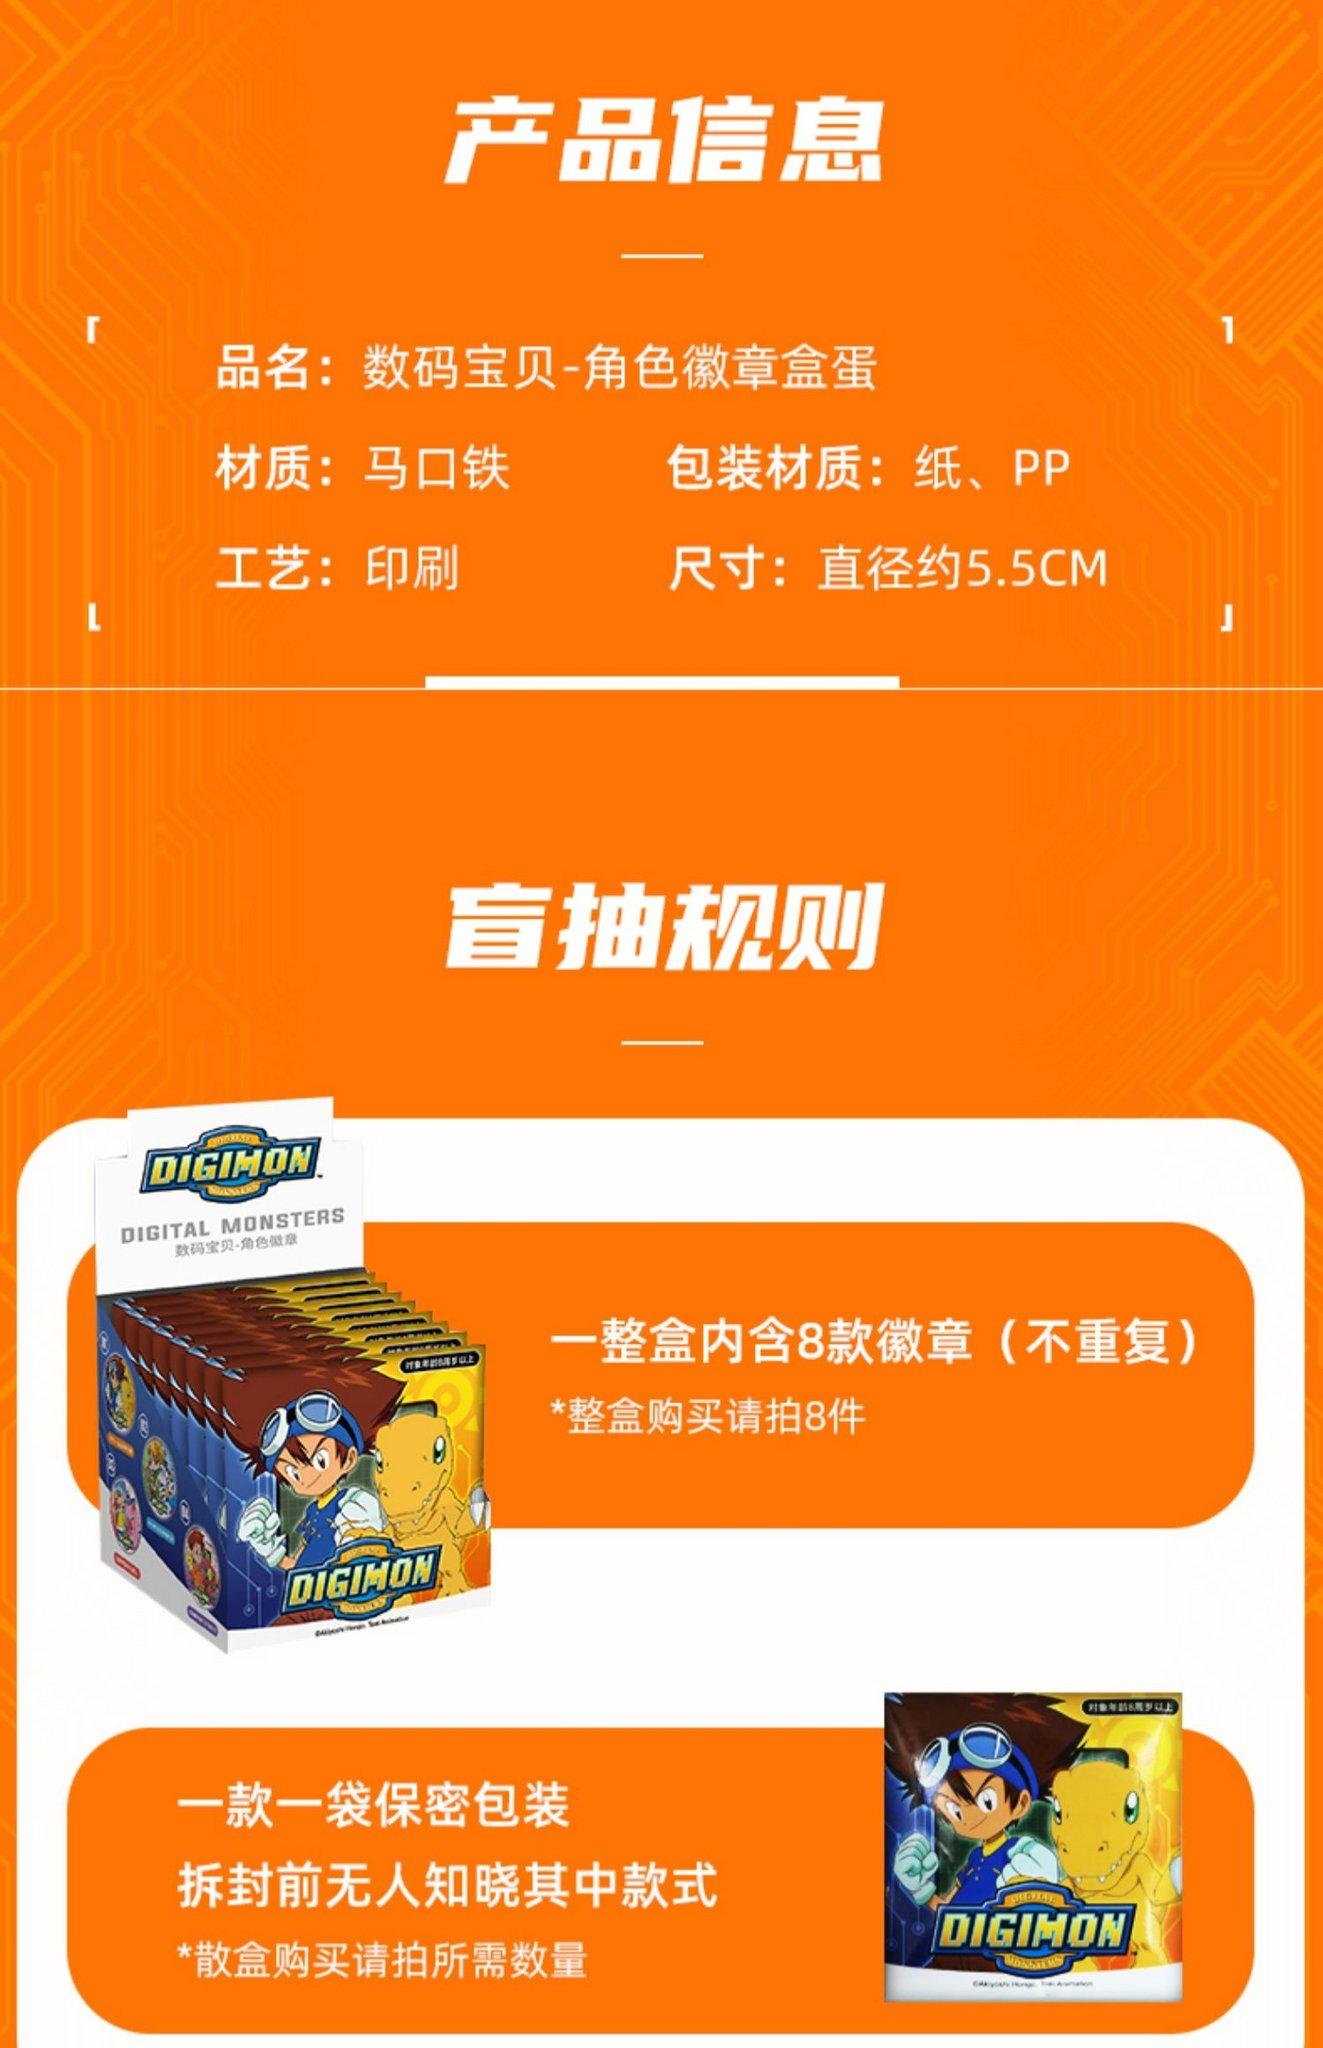 china_05badges_05_july8_2021.jpg